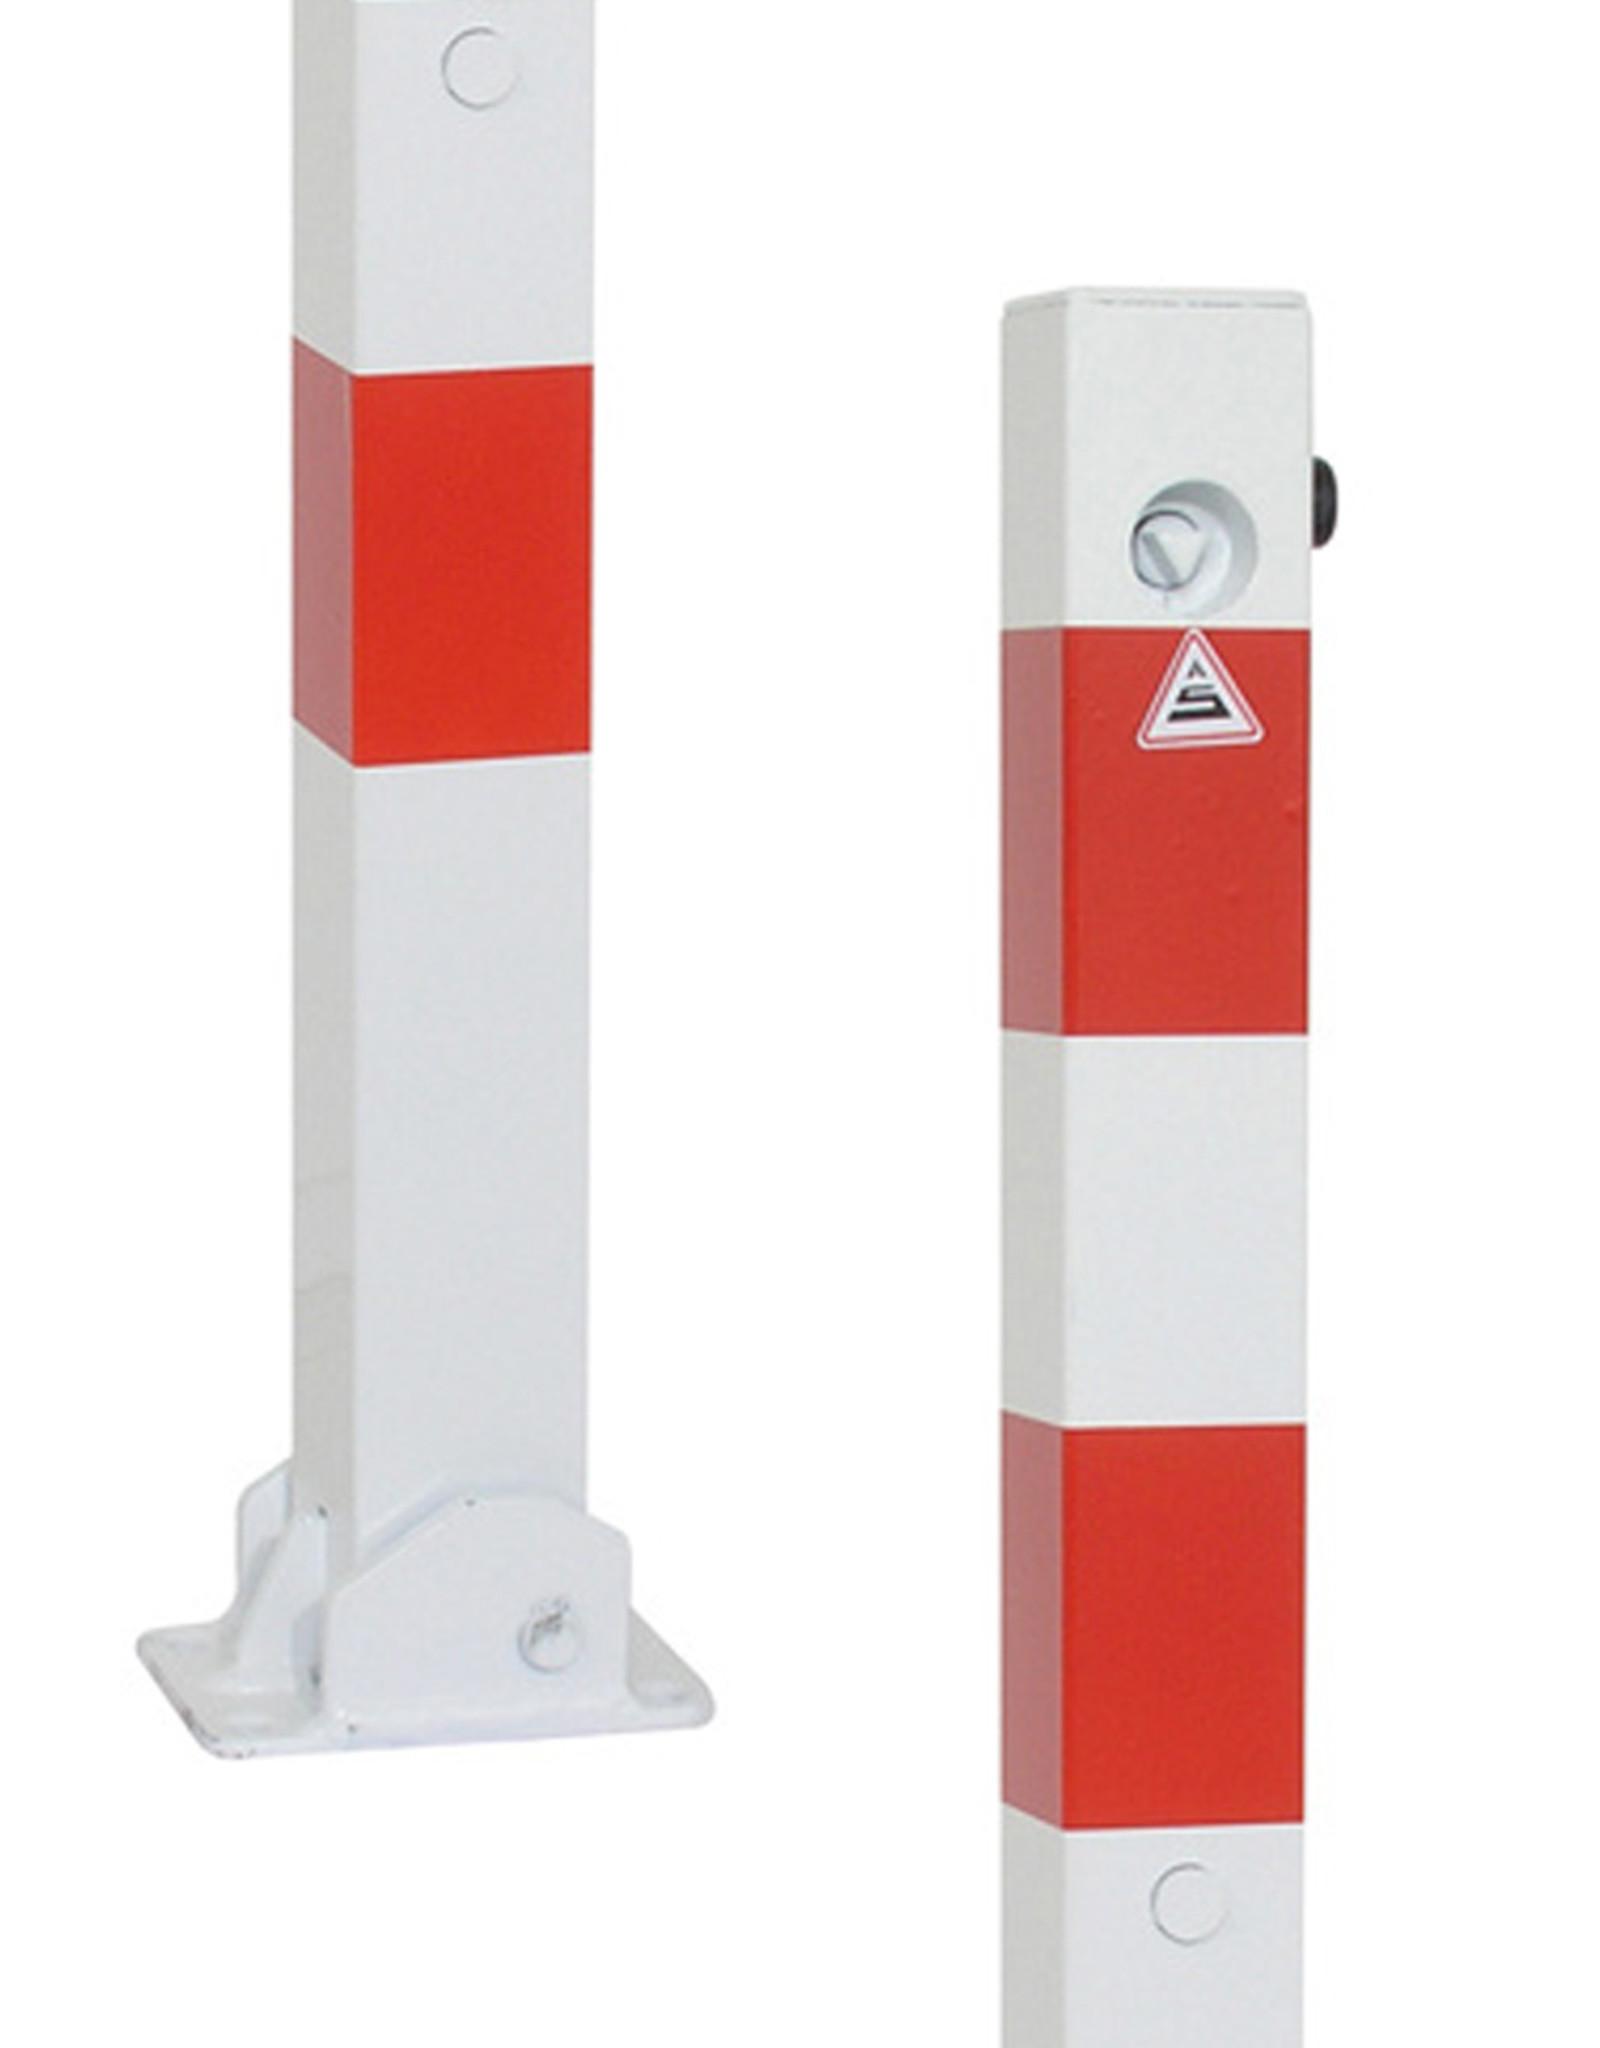 Ri-Traffic   Klappaal parkeerpaal met driekantslot, rood-wit